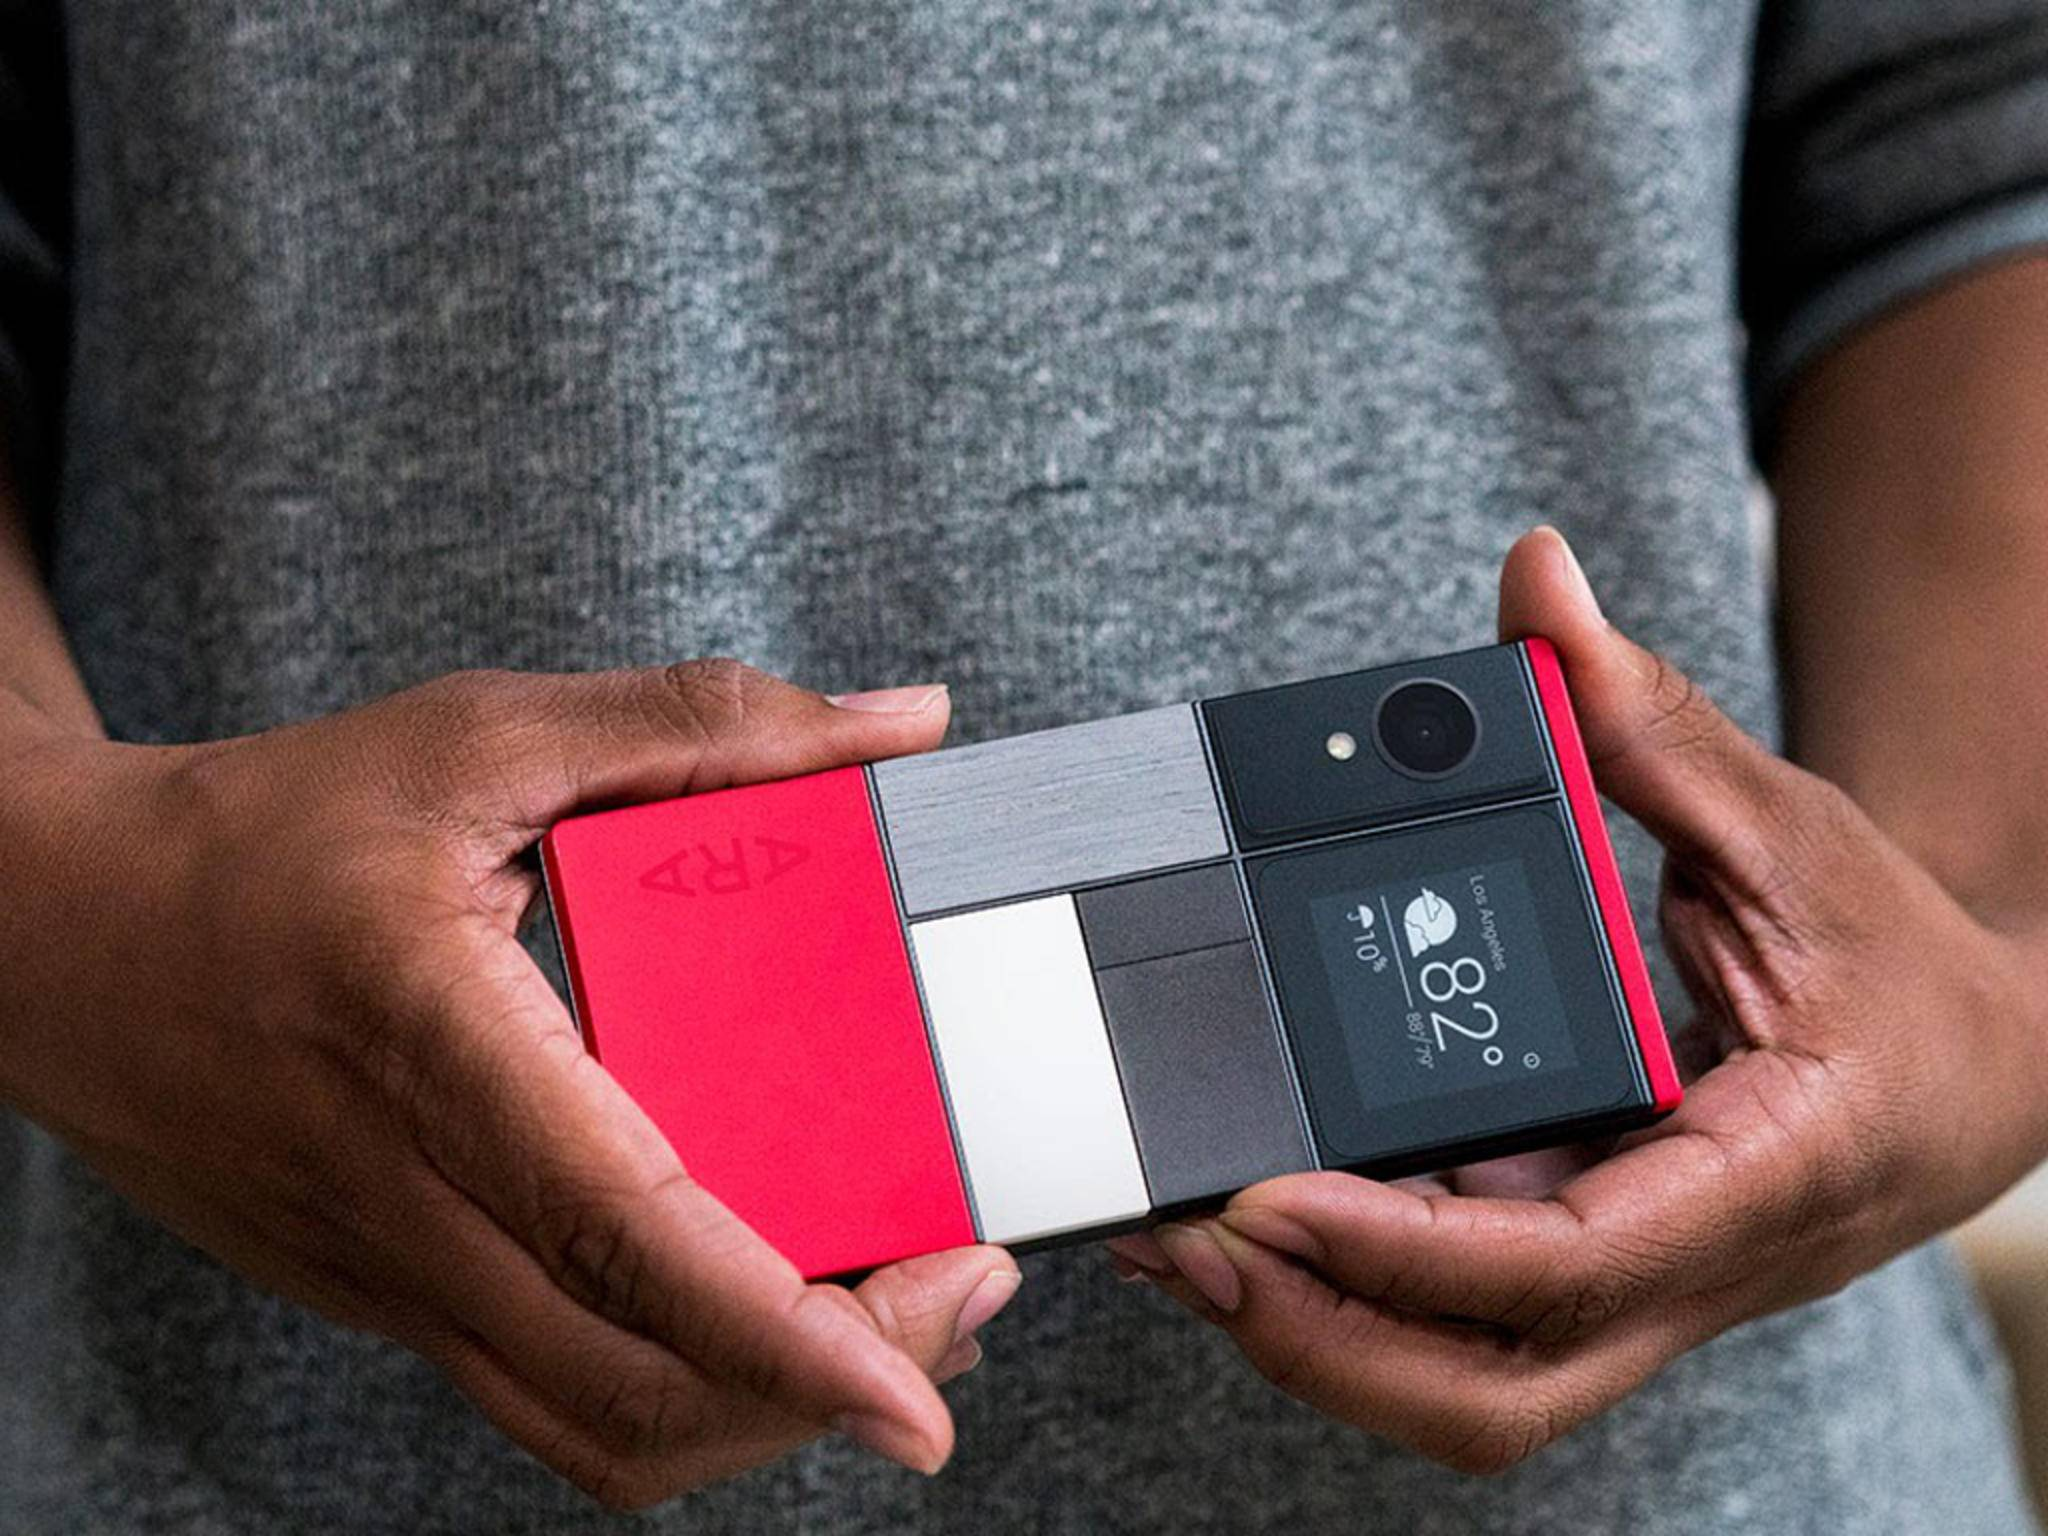 So sieht die Entwickler-Version des Ara-Smartphones aus.